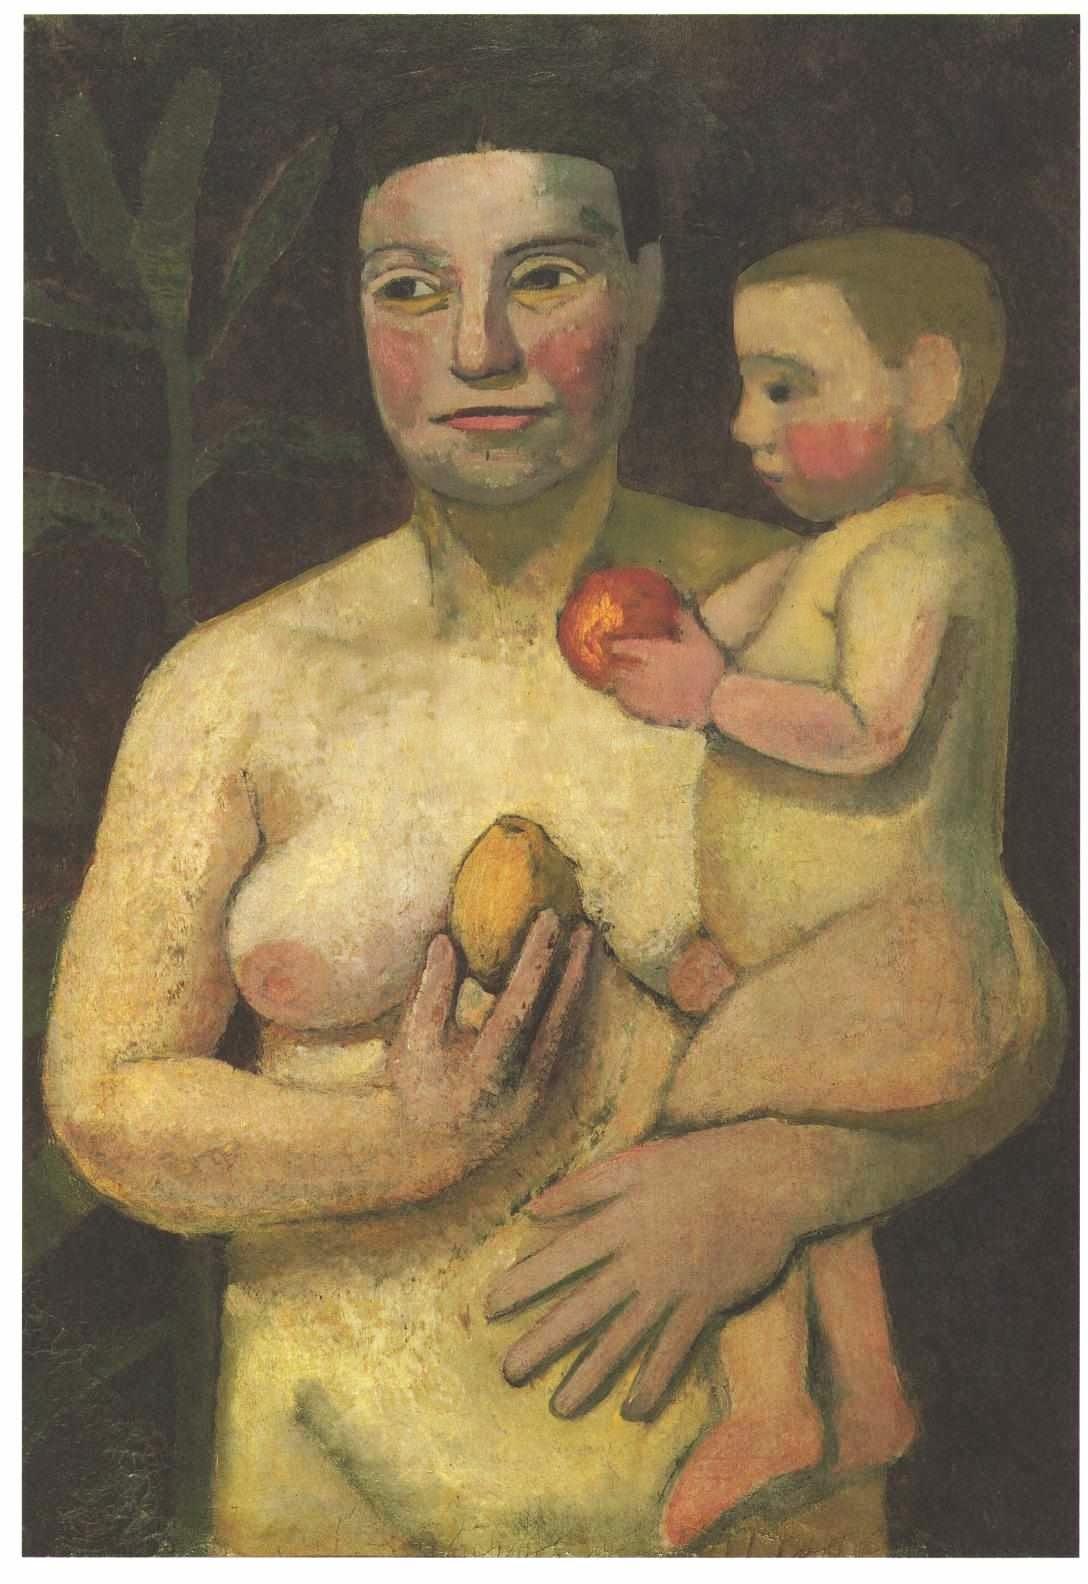 Mother and Child, Paula Modersohn-Becker